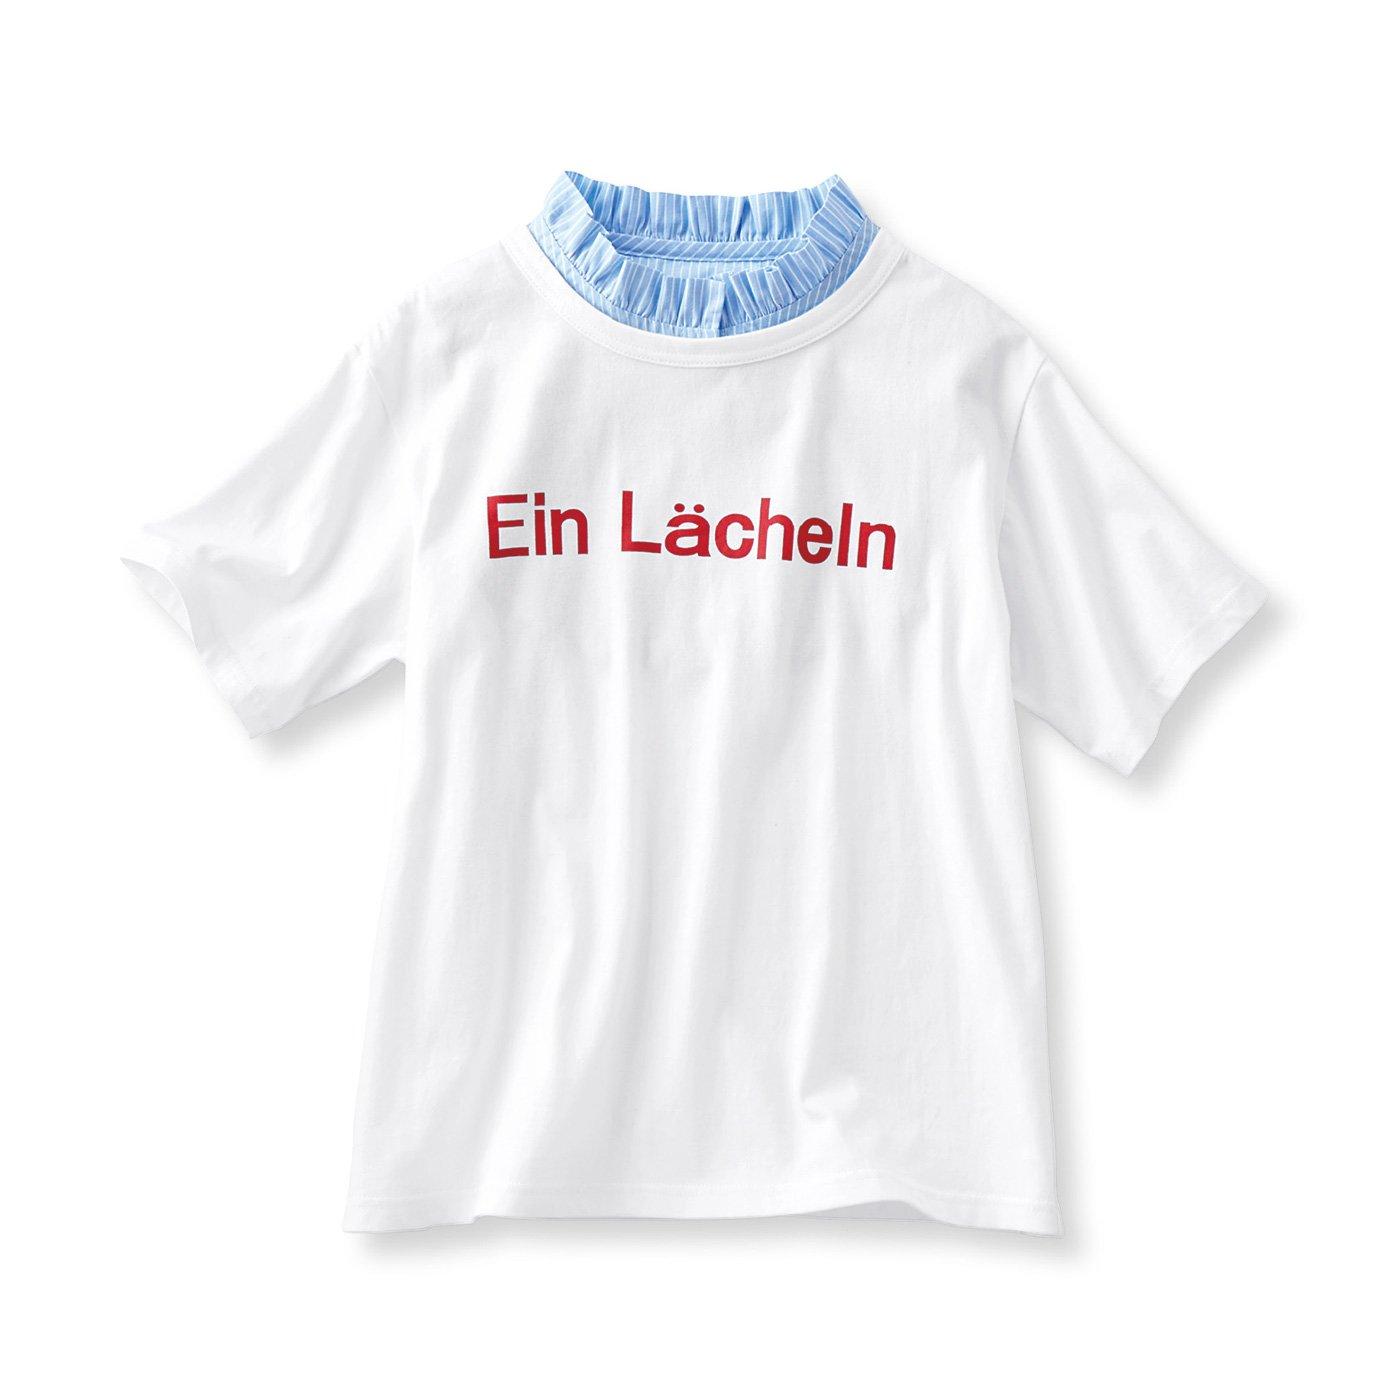 フラウグラット フリルの付け衿できちんと大人の 甘めカジュアルTシャツセット〈ホワイト×サックスストライプ〉